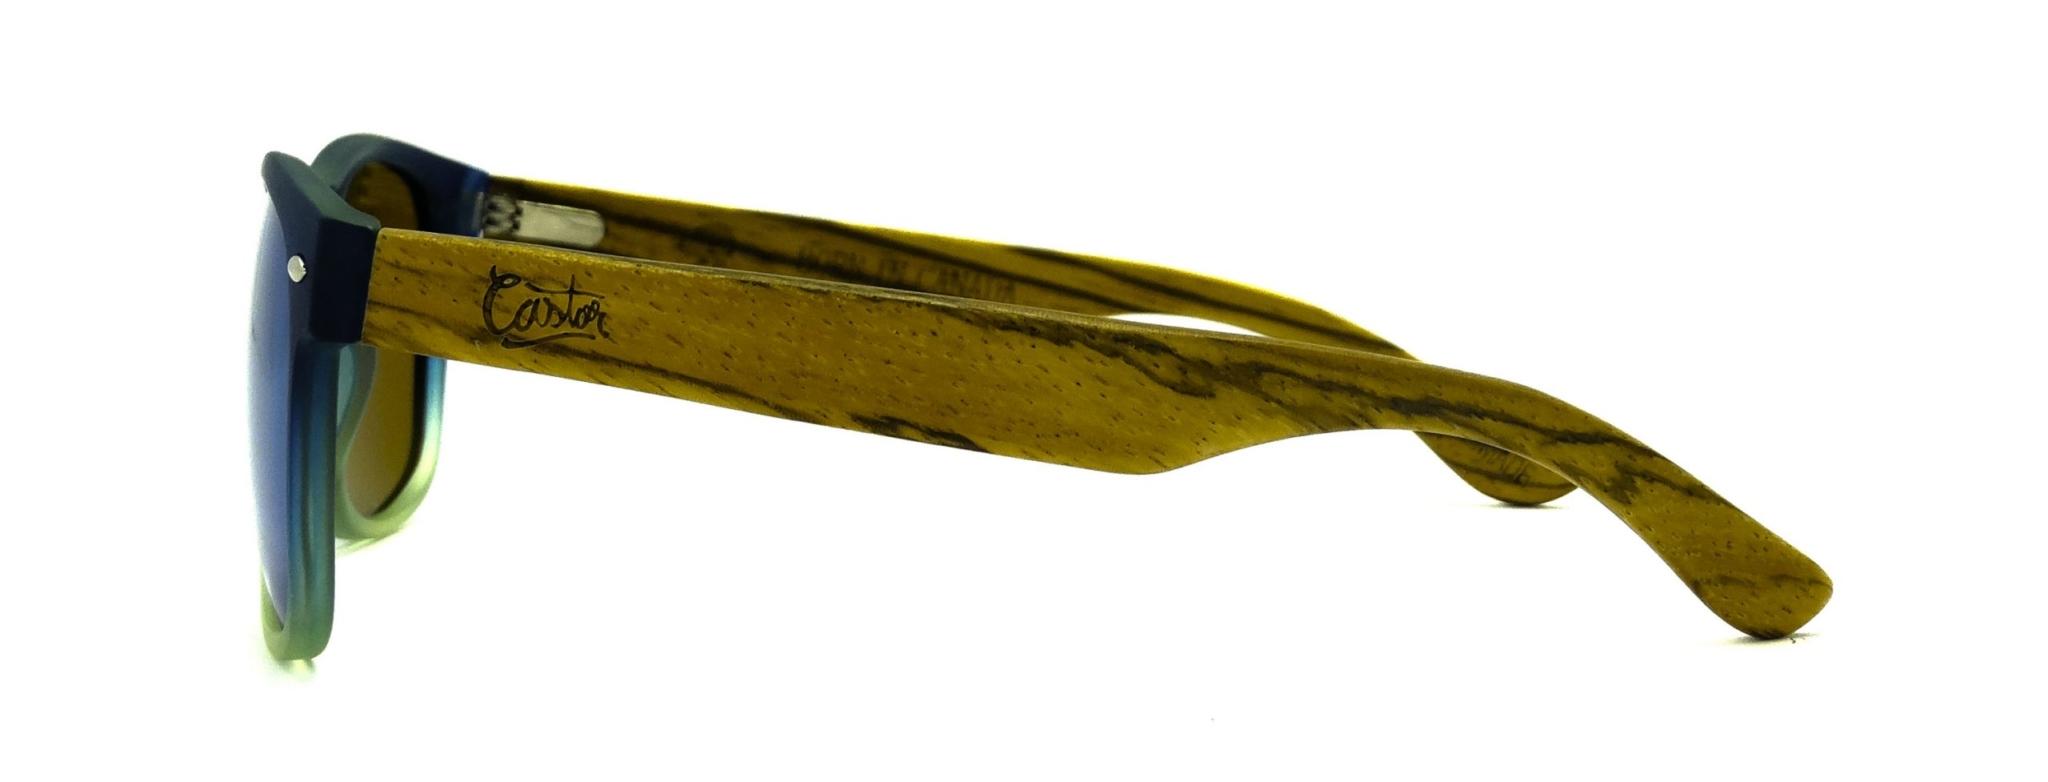 8e6f5d2b-135d-gafas-de-sol